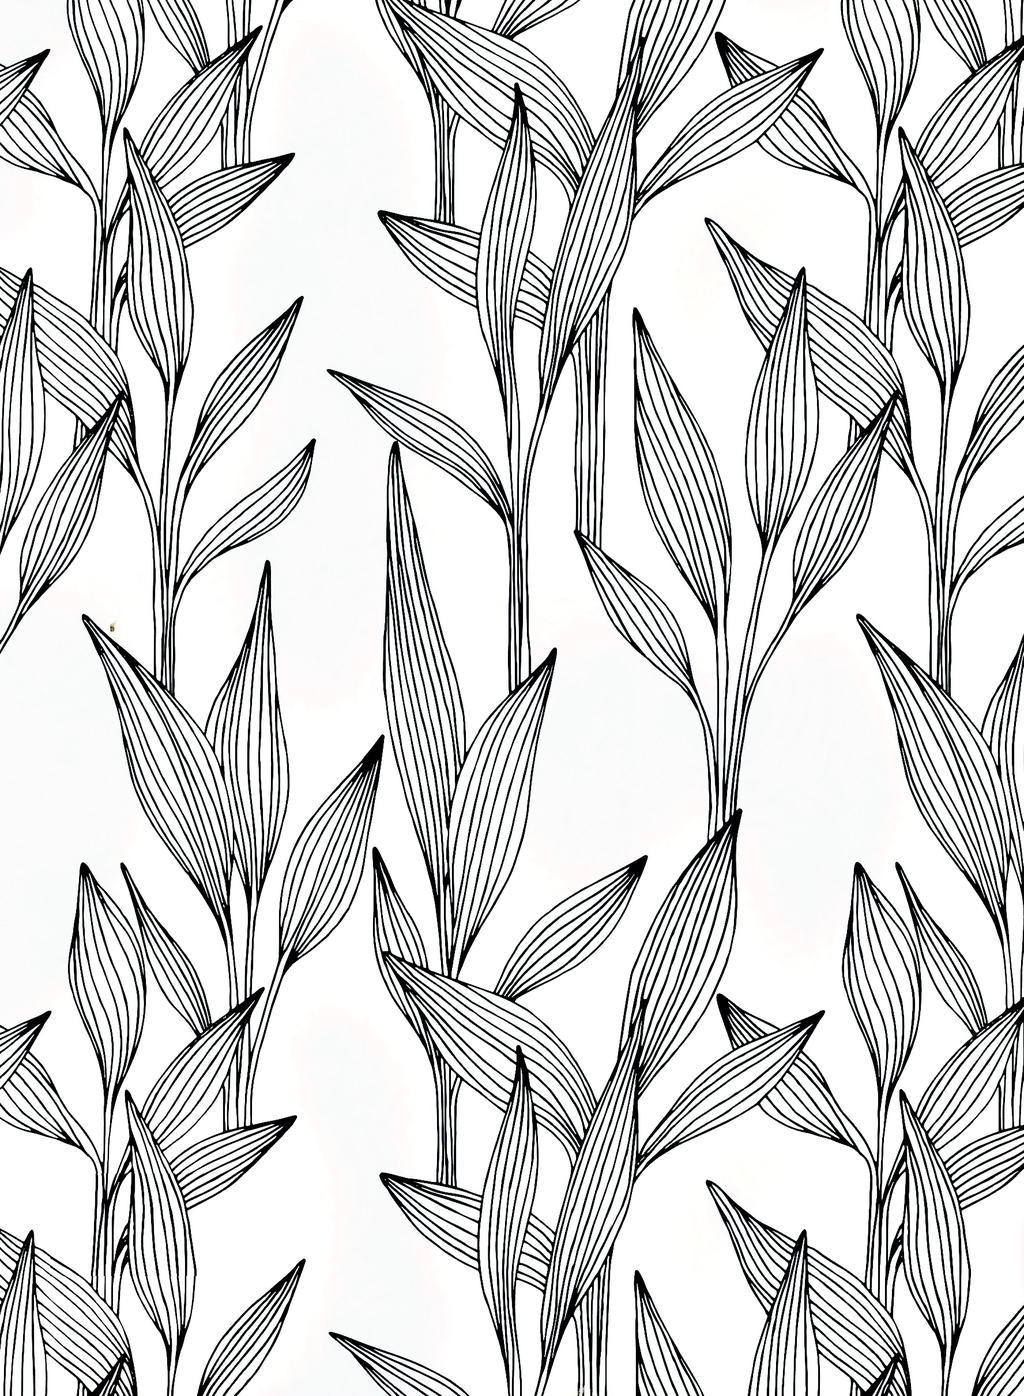 手绘黑白工笔画树枝背景图片设计素材_高清其他模板()